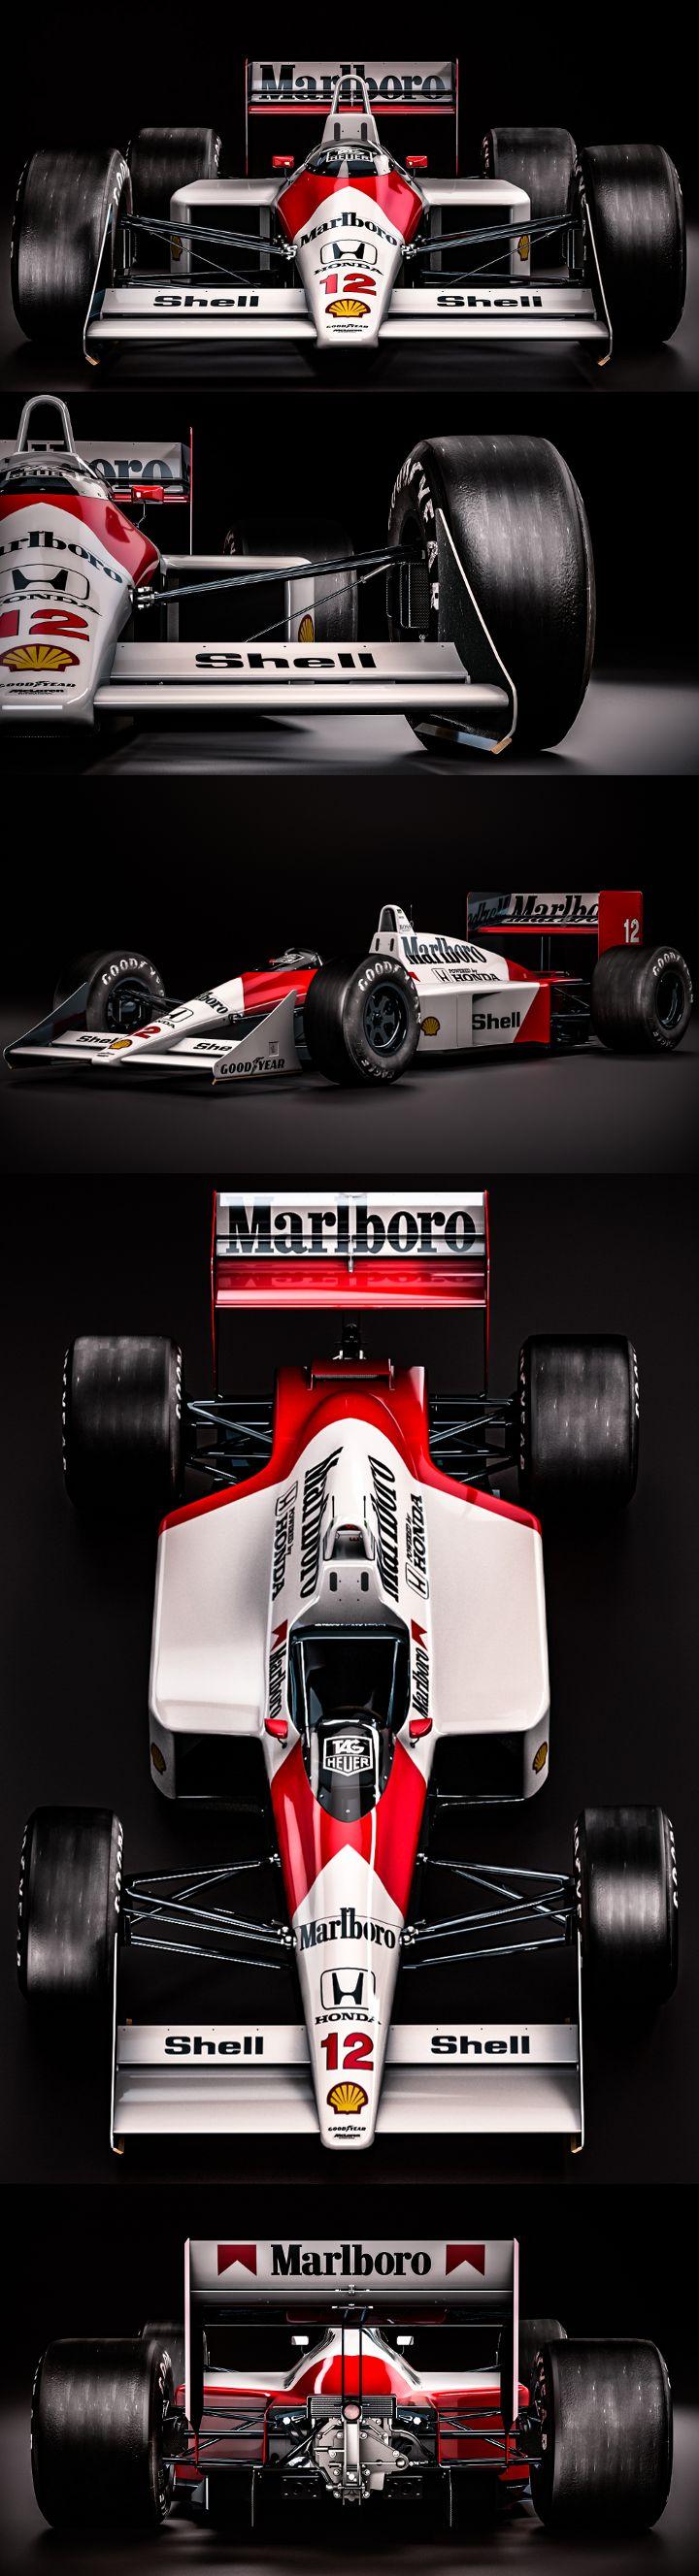 Mclaren Honda MP4/4  Ayrton Senna